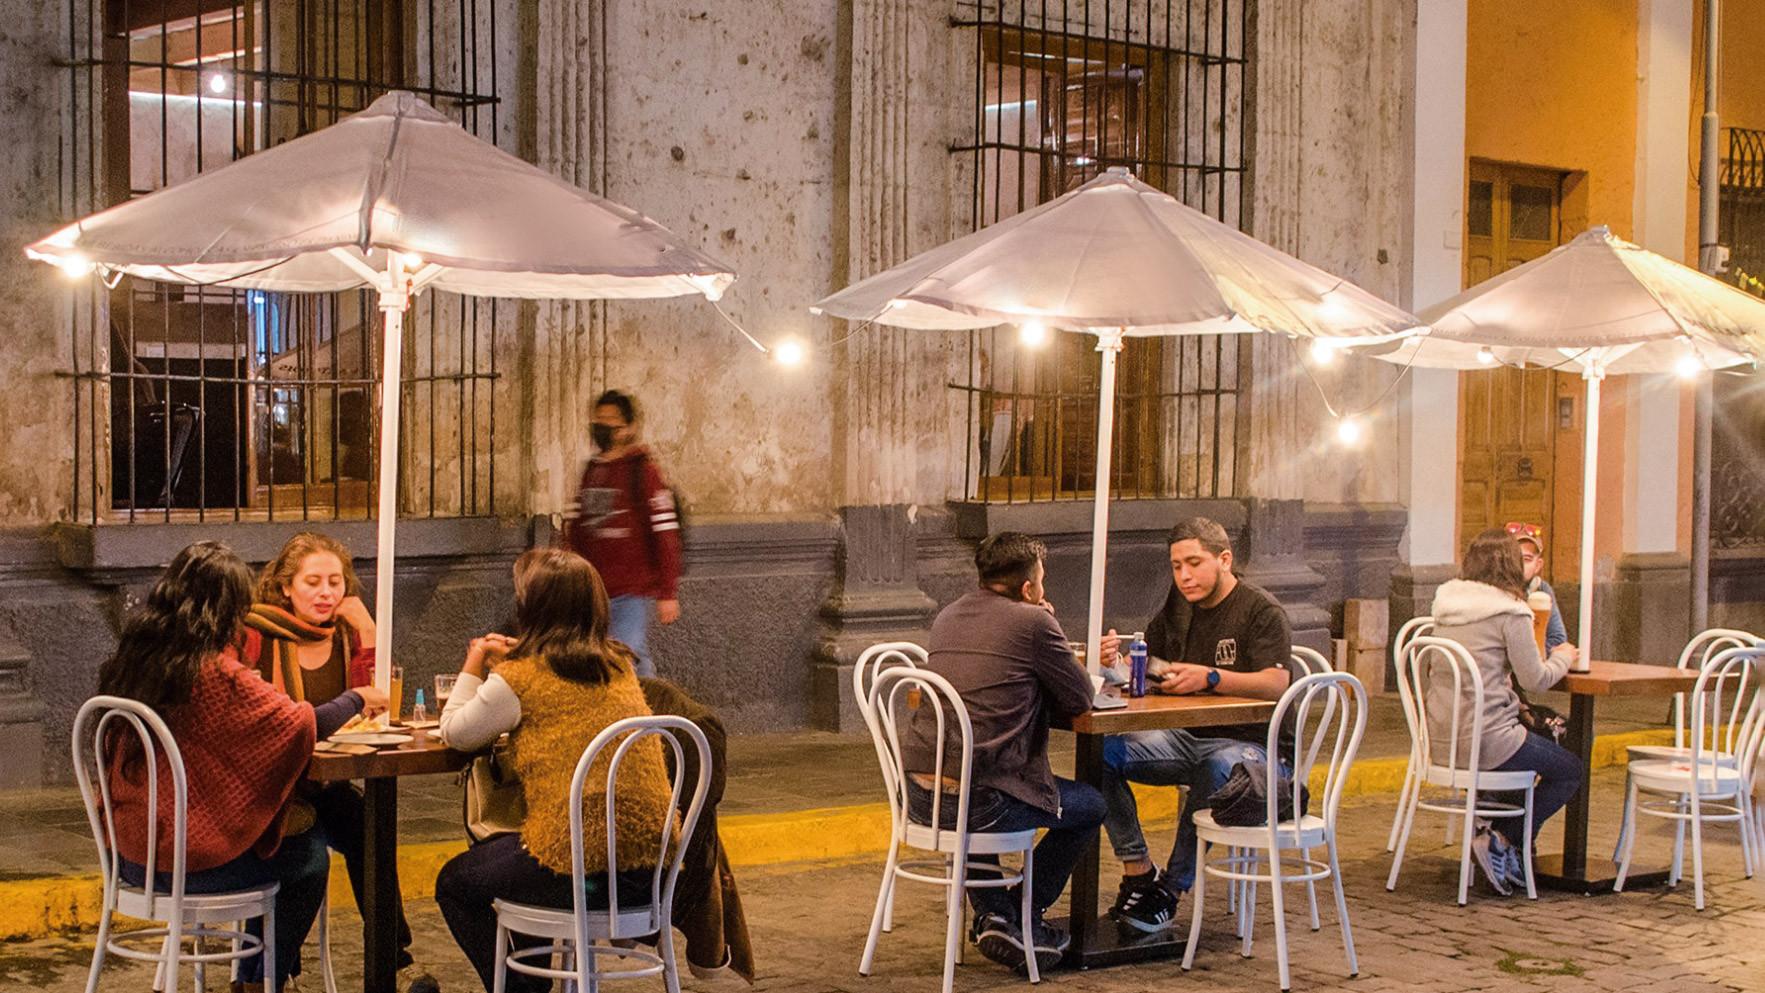 El 'respiro' de los locales: cómo la industria gastronómica en provincias sobrevive, sin turistas, a la pandemia